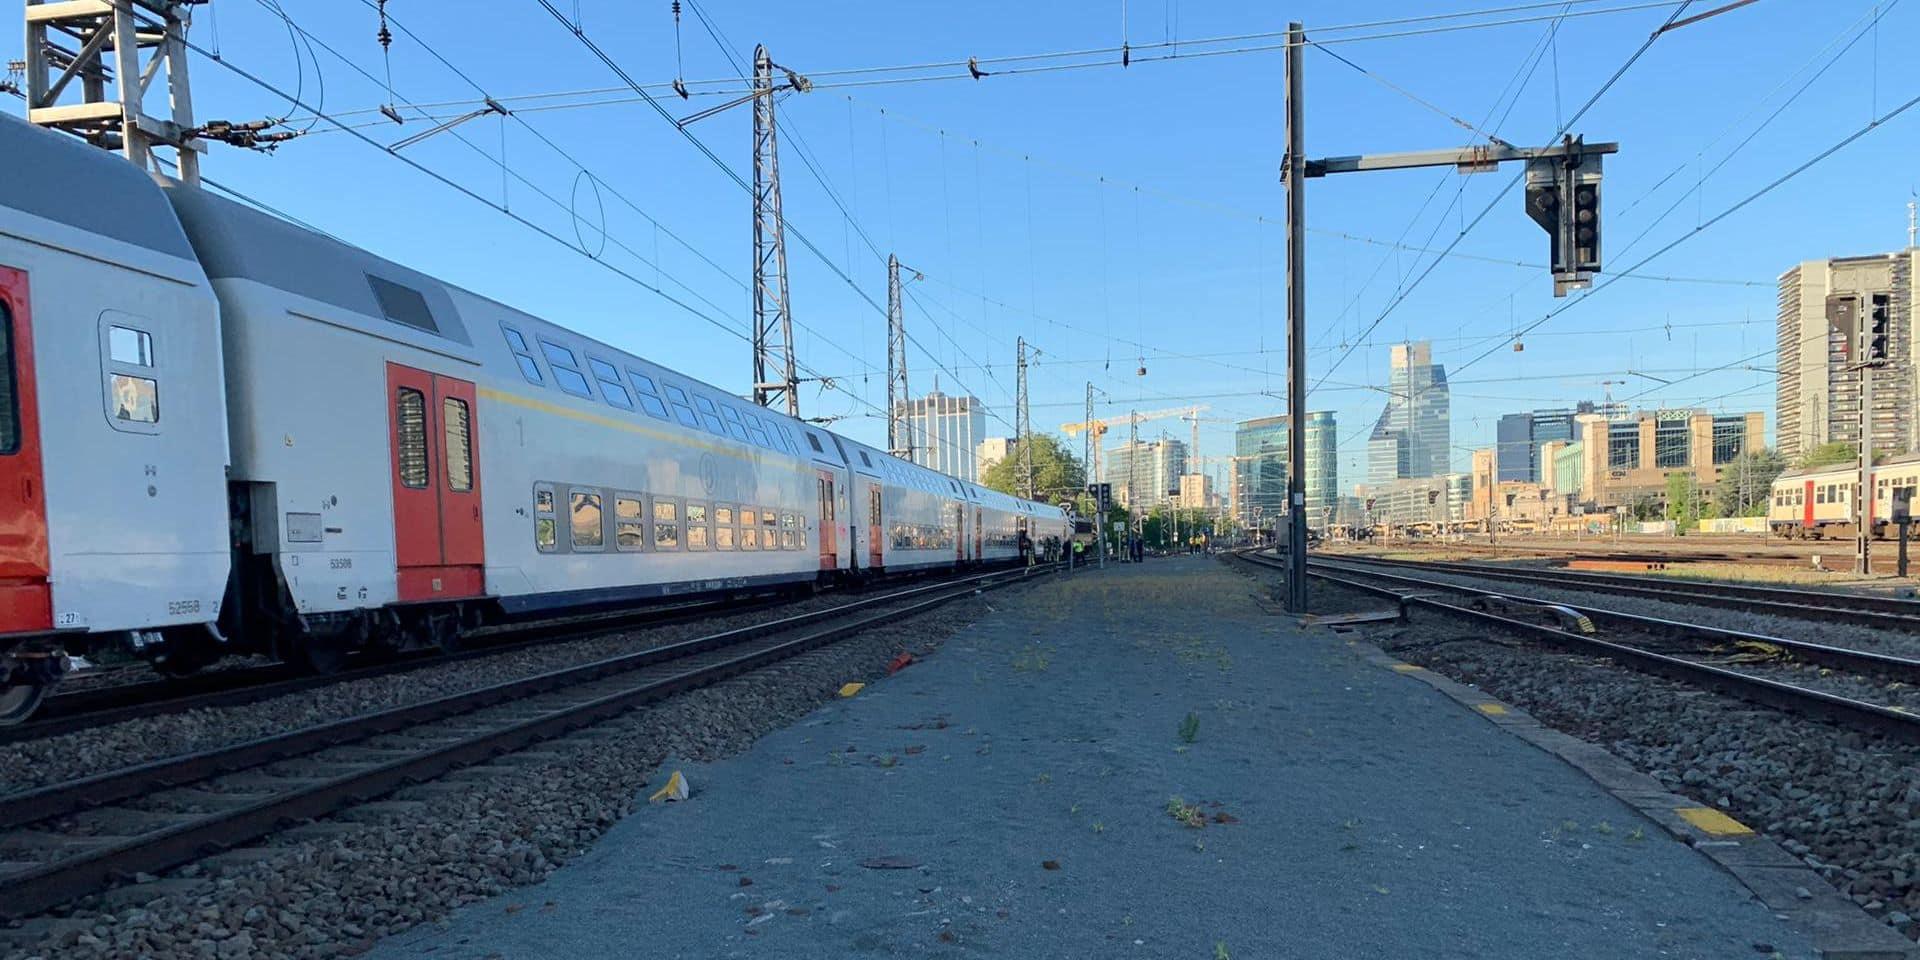 Pagaille sur le rail à cause d'un incendie, la SNCB adapte ses horaires pour la journée